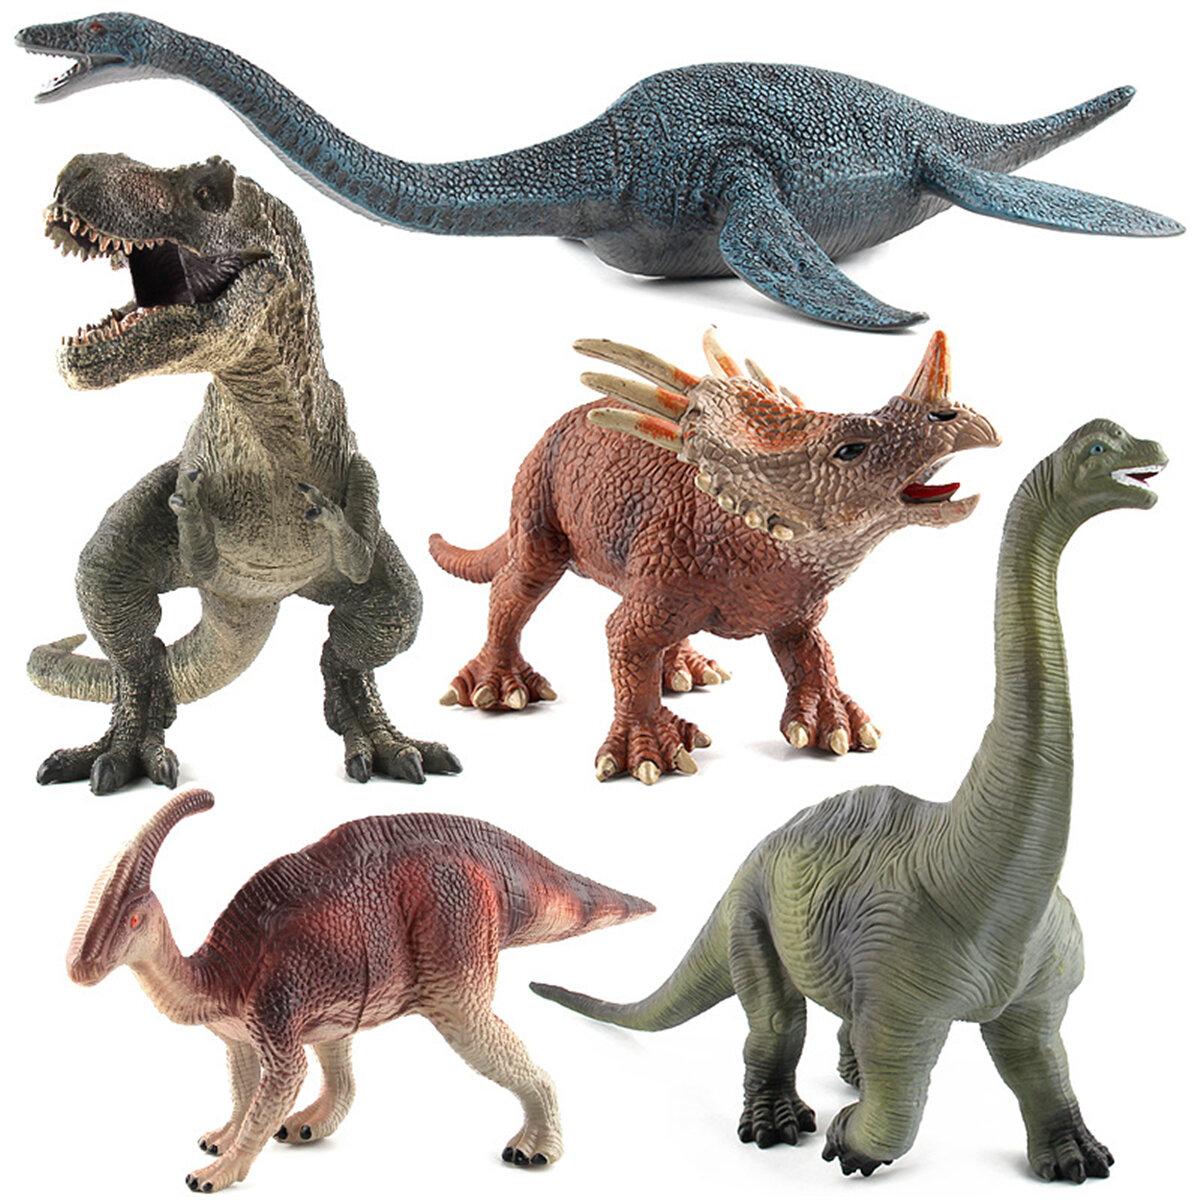 Grande Brachiosaurus Dinossauro Brinquedo Realista Plástico Sólido Diecast Modelo Presente Para As Crianças